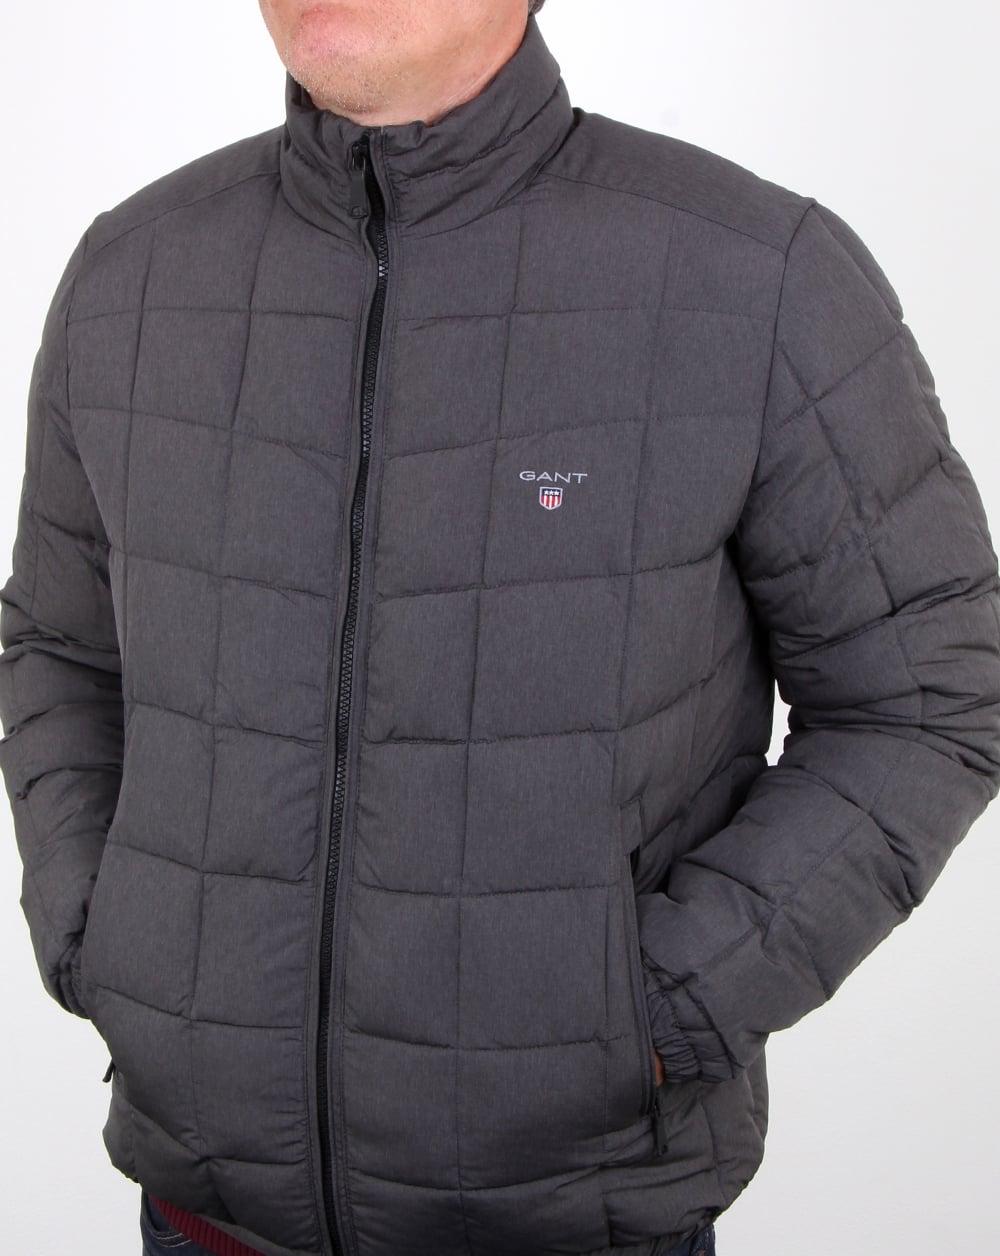 55b8fa9a9 Gant Lw Cloud Jacket Charcoal Melange